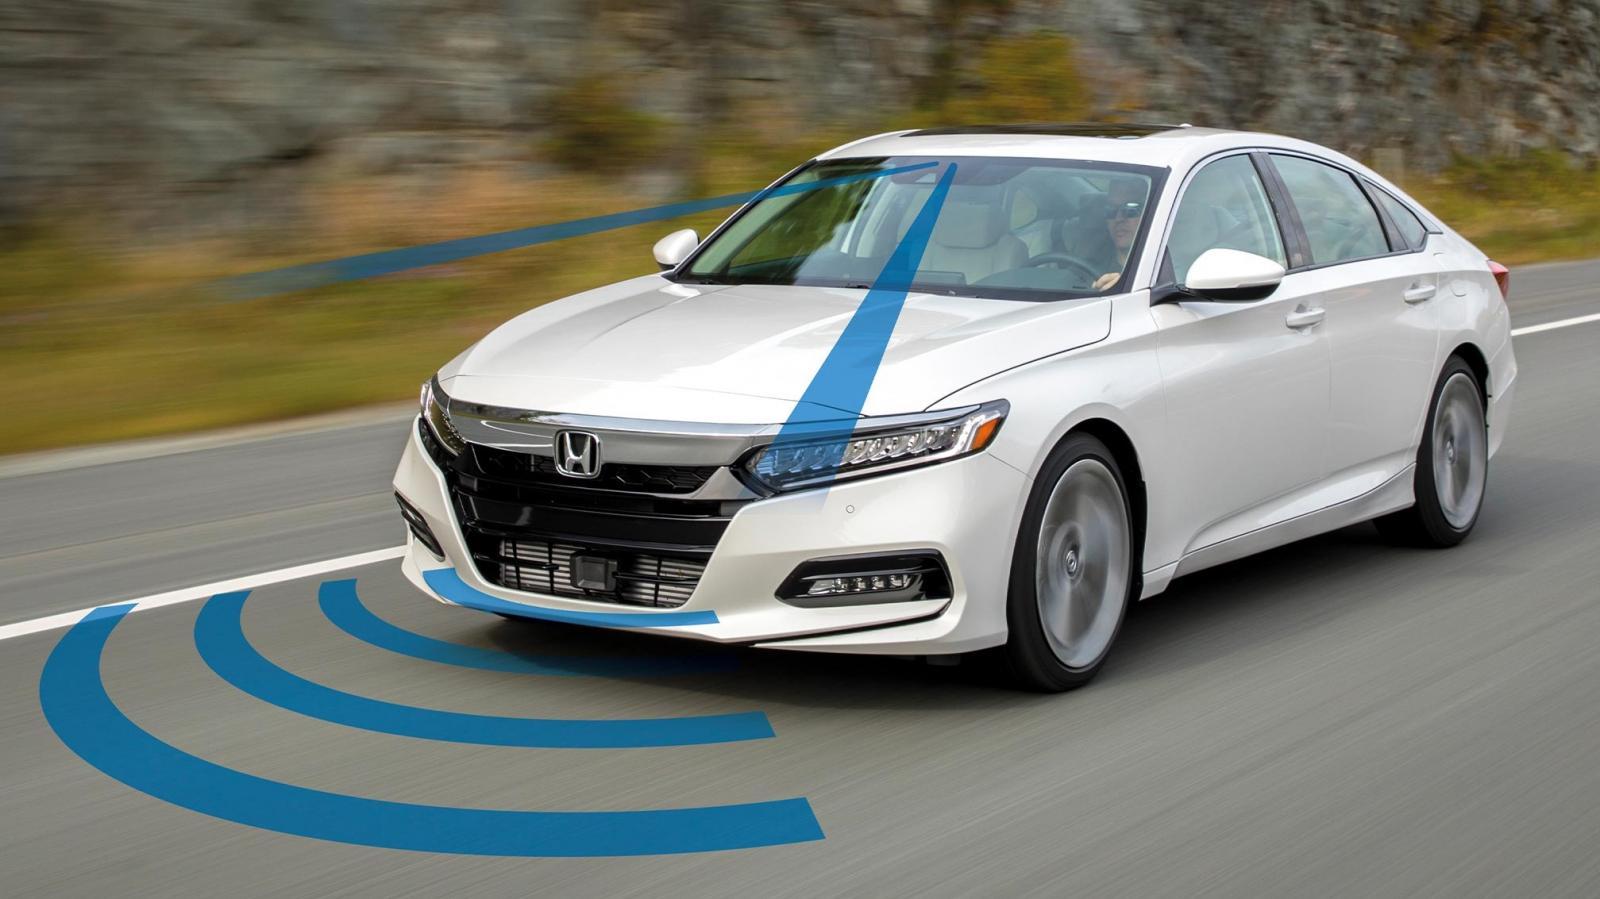 El Honda Accord Touring 2020 lleva un paquete de seguridad completo